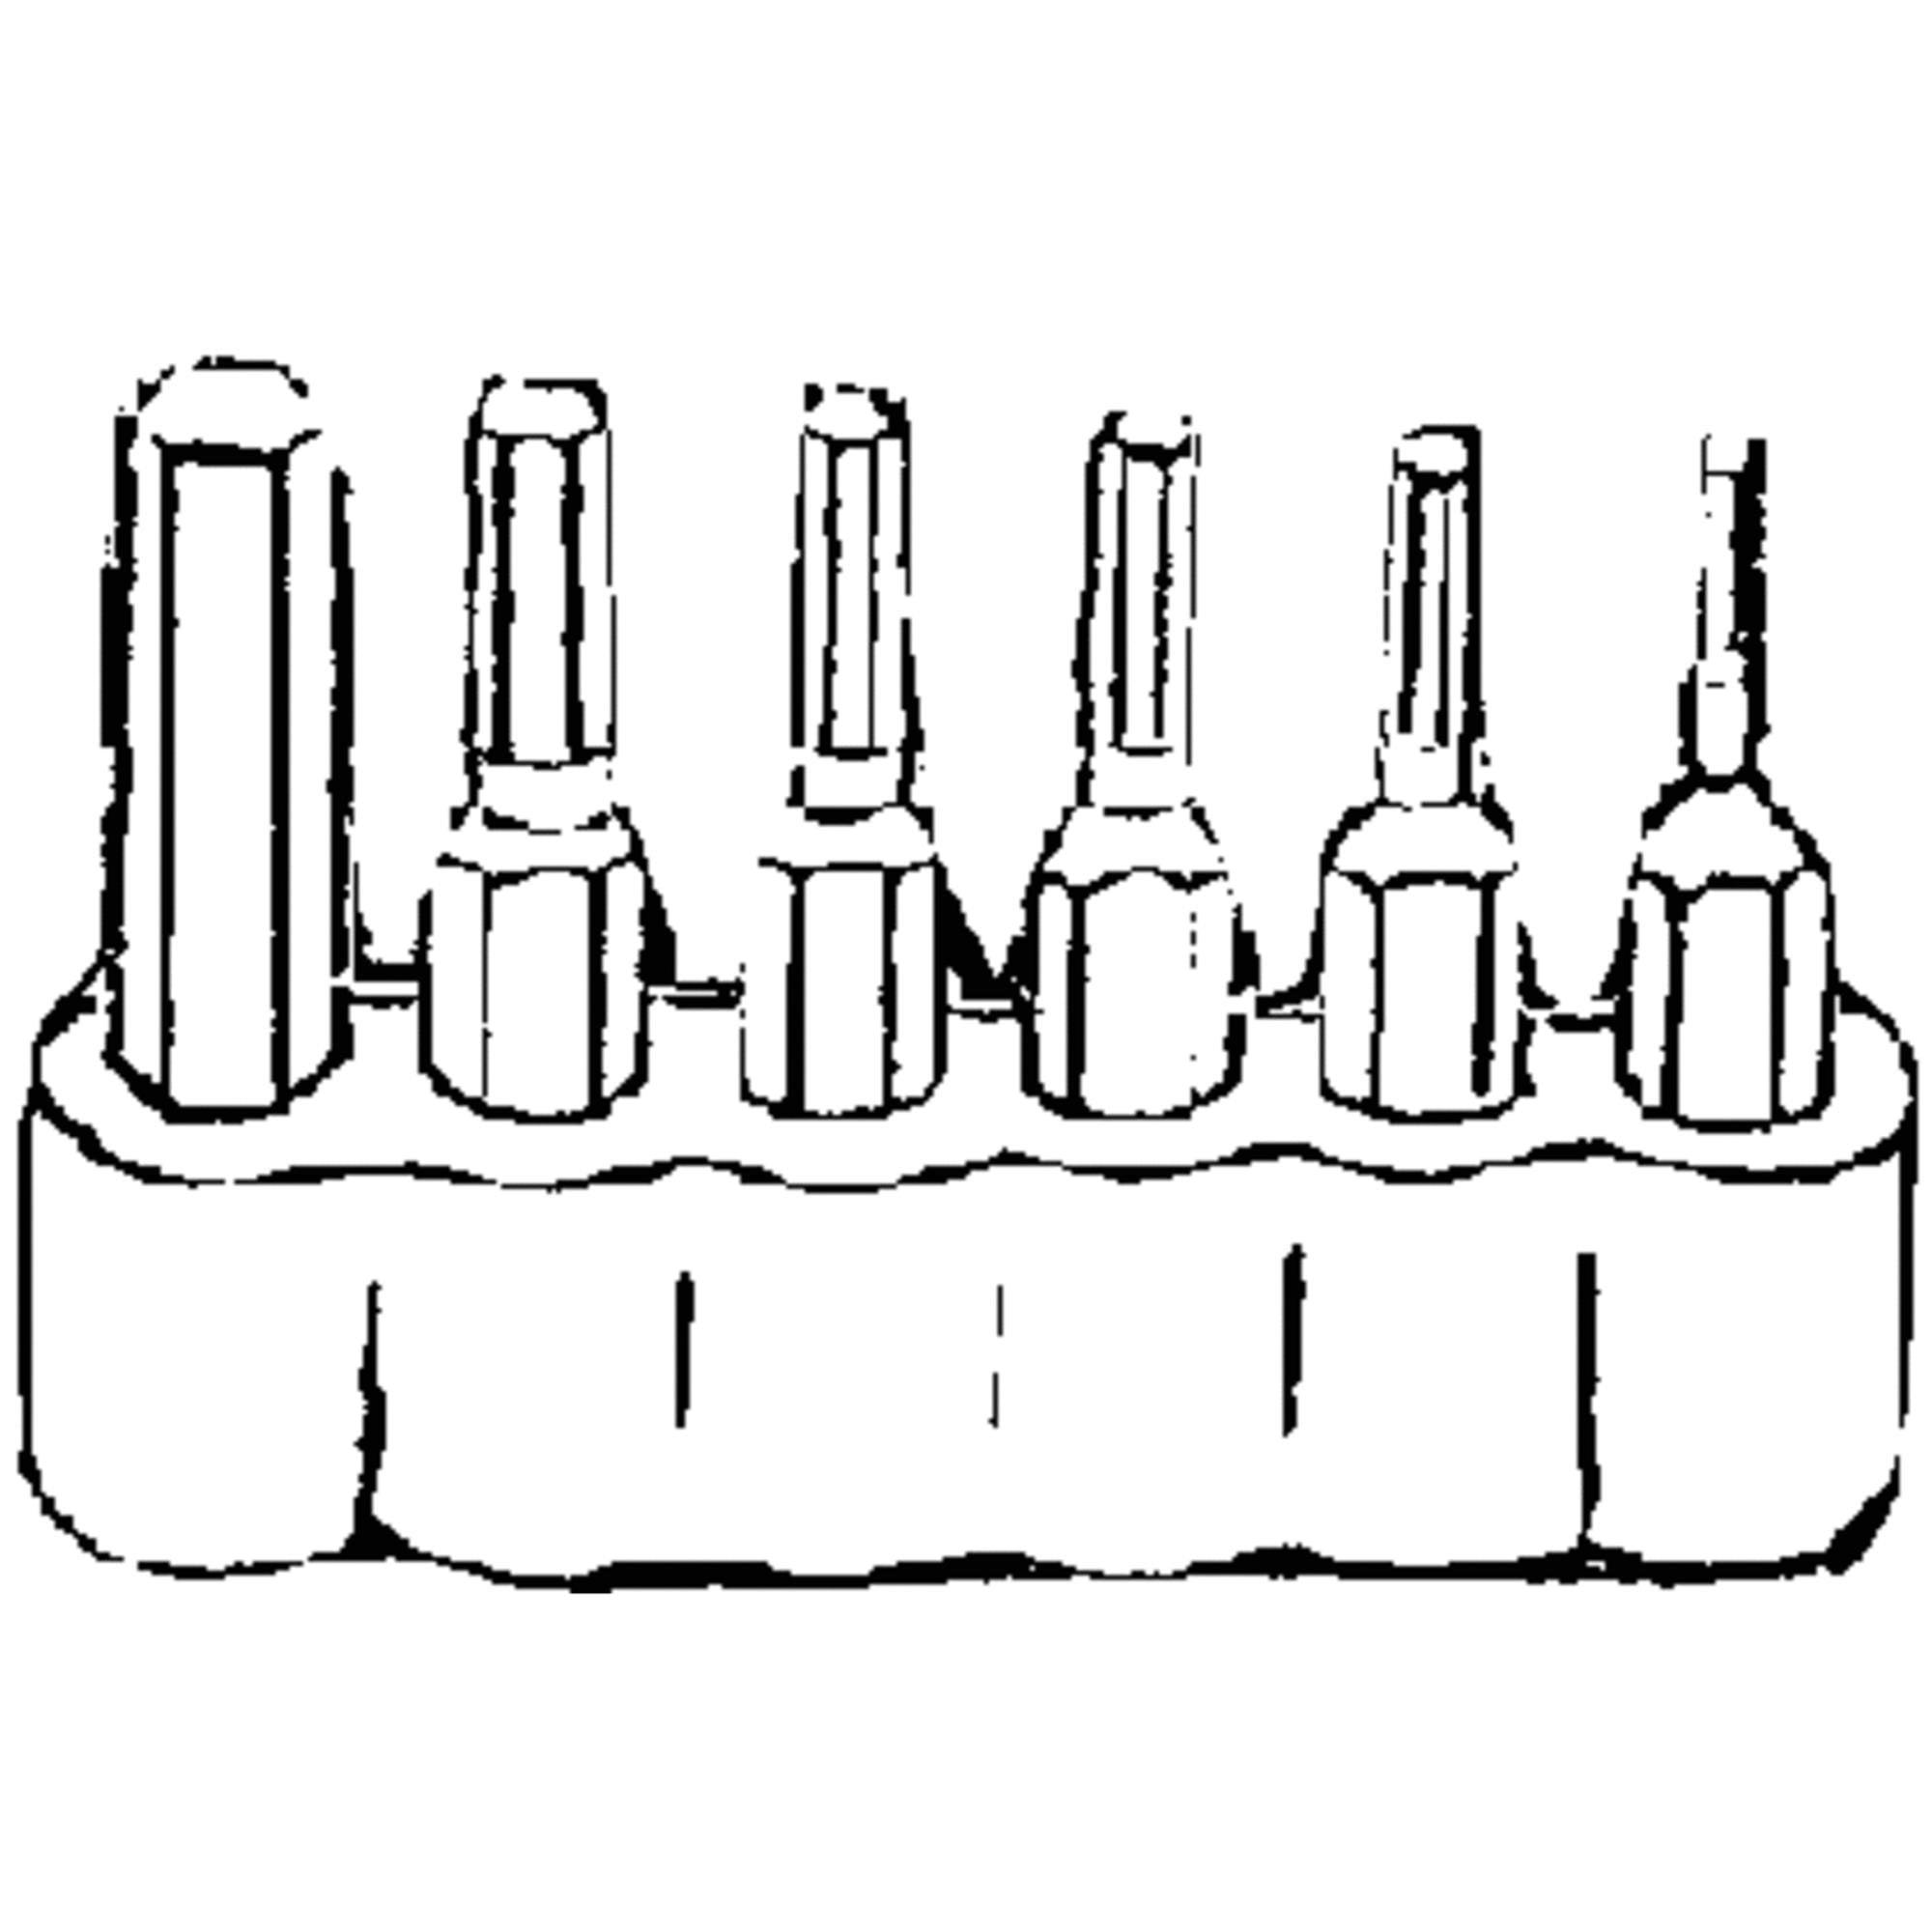 Best Way Tools 6-Piece Hex Metric Insert Screwdriver Bit Set